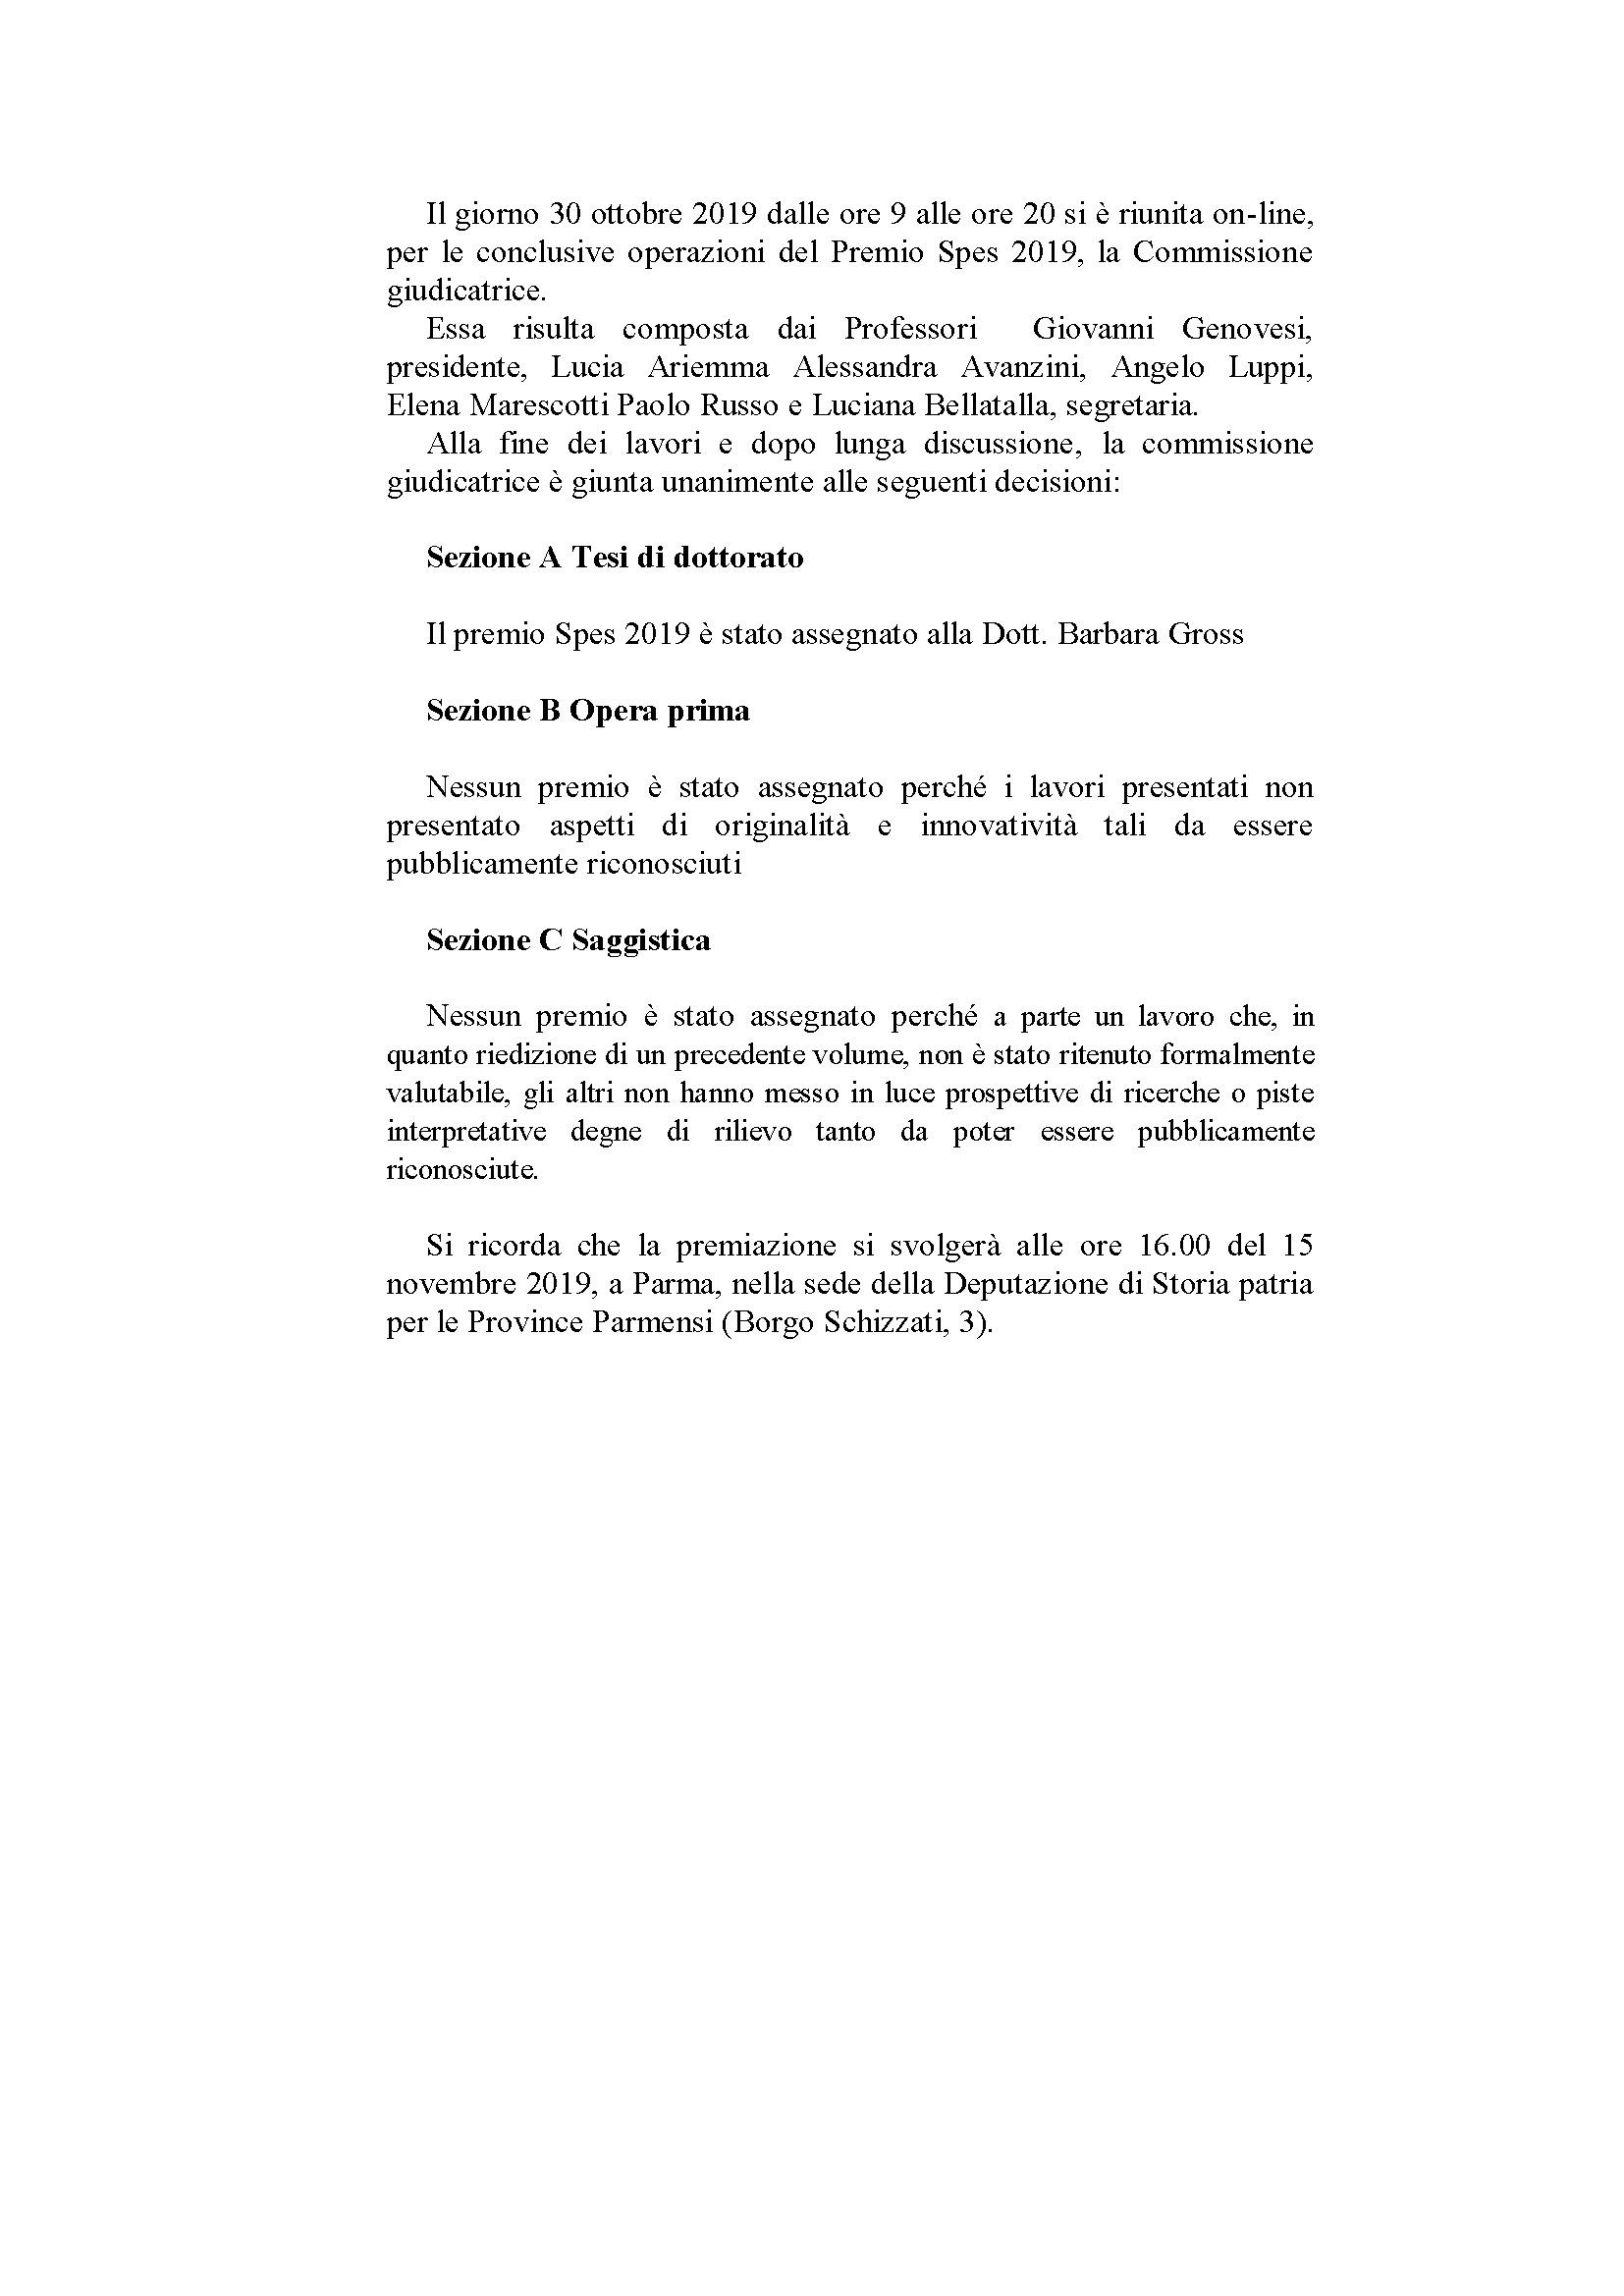 Premiazione premio SPES 2019 – 15 novembre, Parma